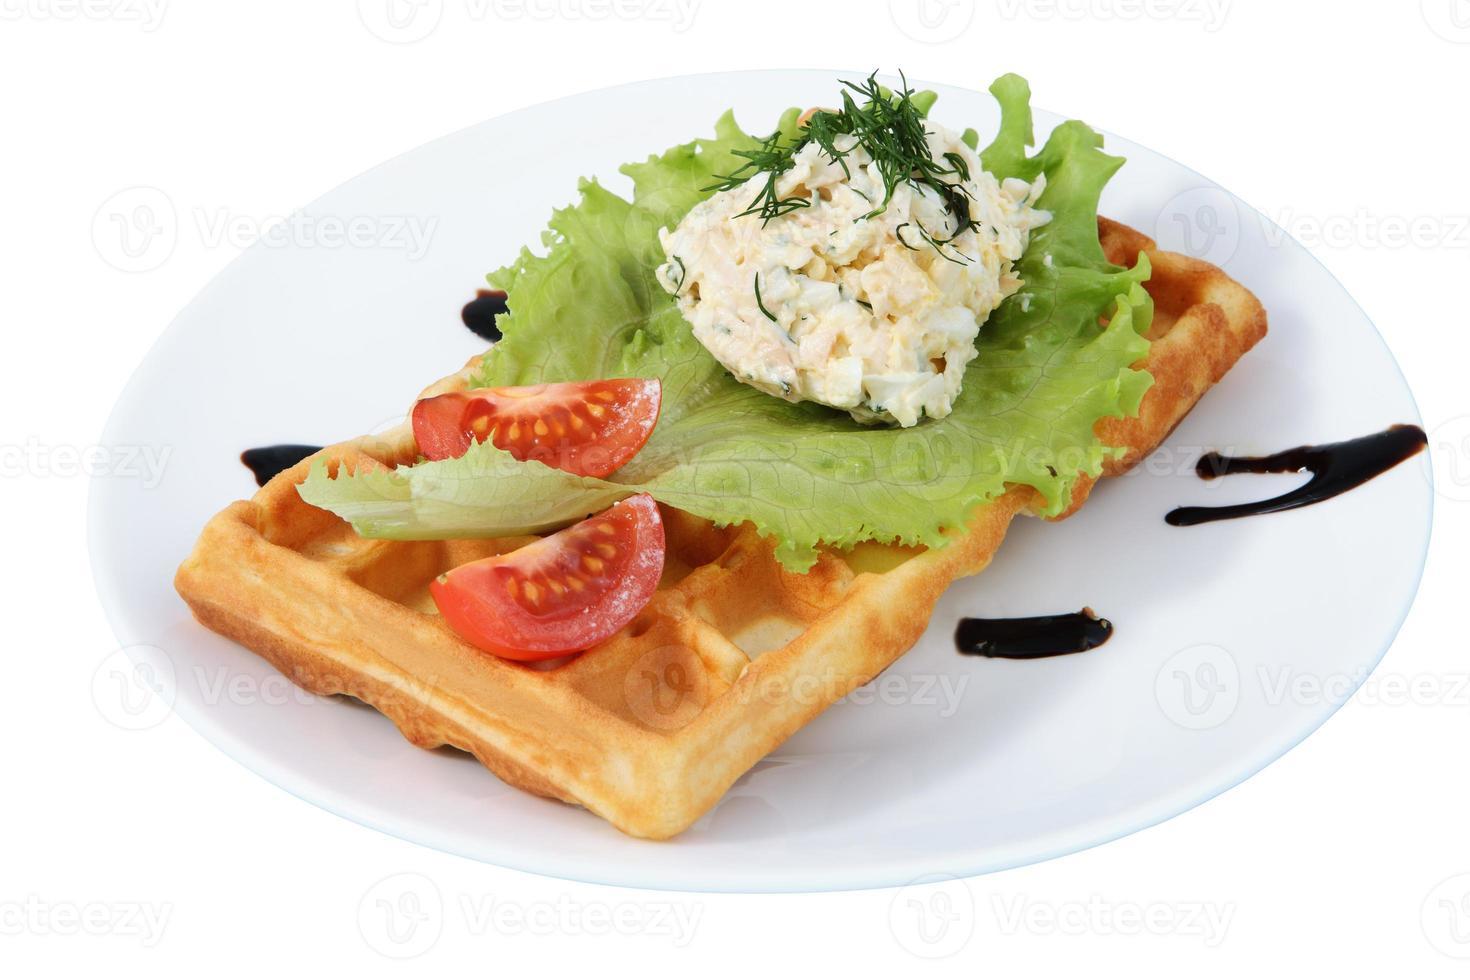 piatto con fast food, waffle belga, contorno, pomodoro, lattuga foto